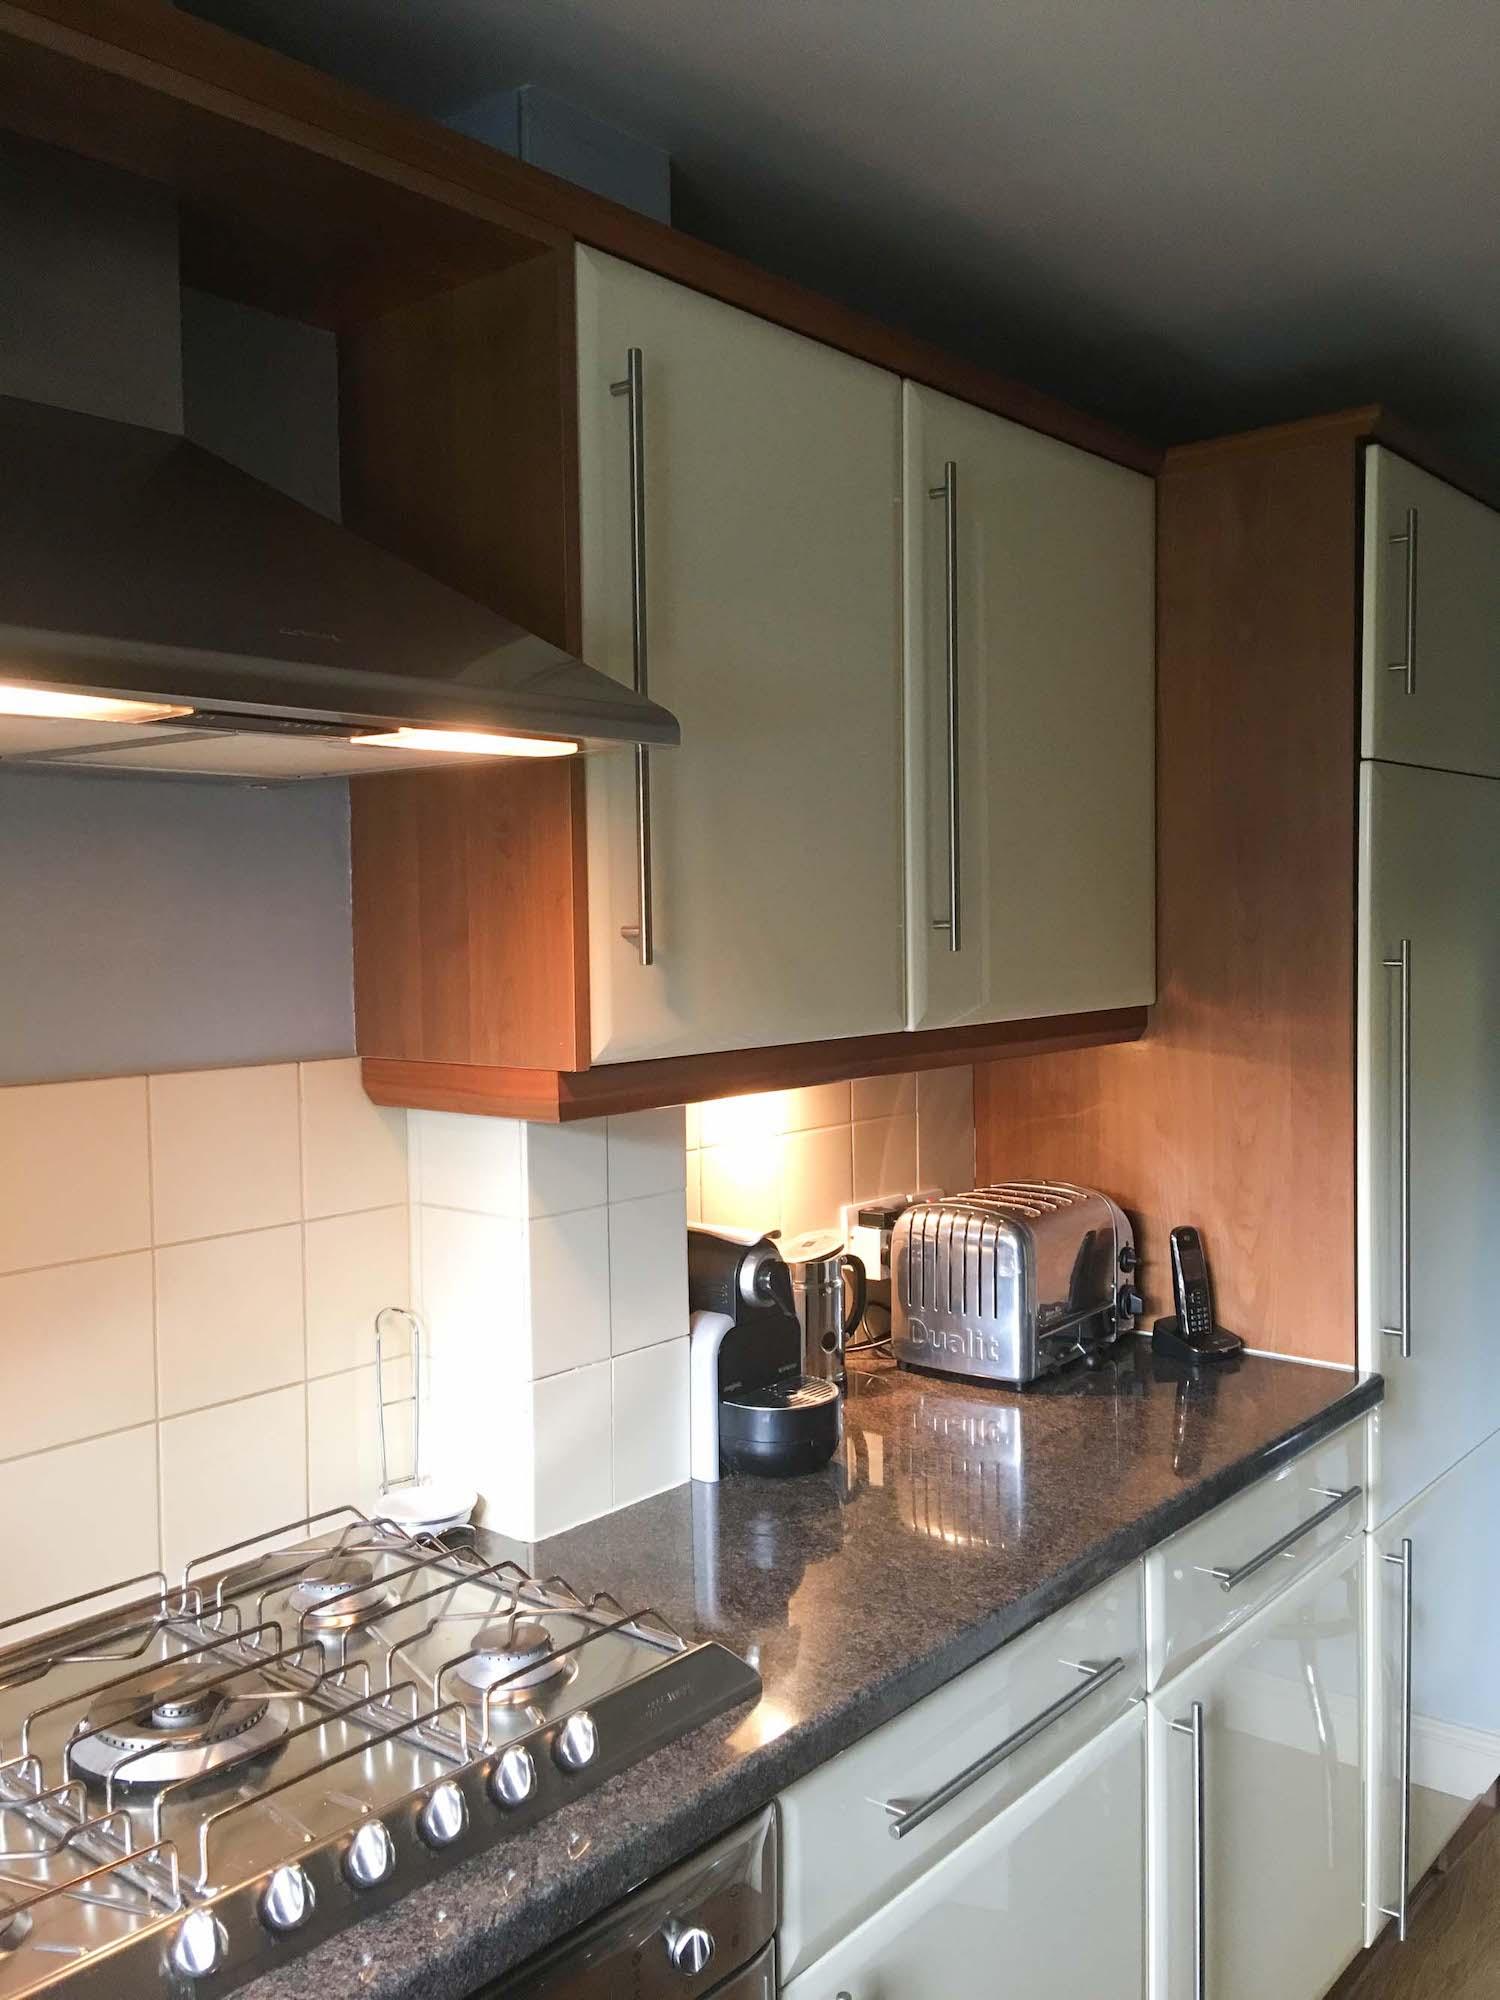 3 kitchen refurb before.jpg